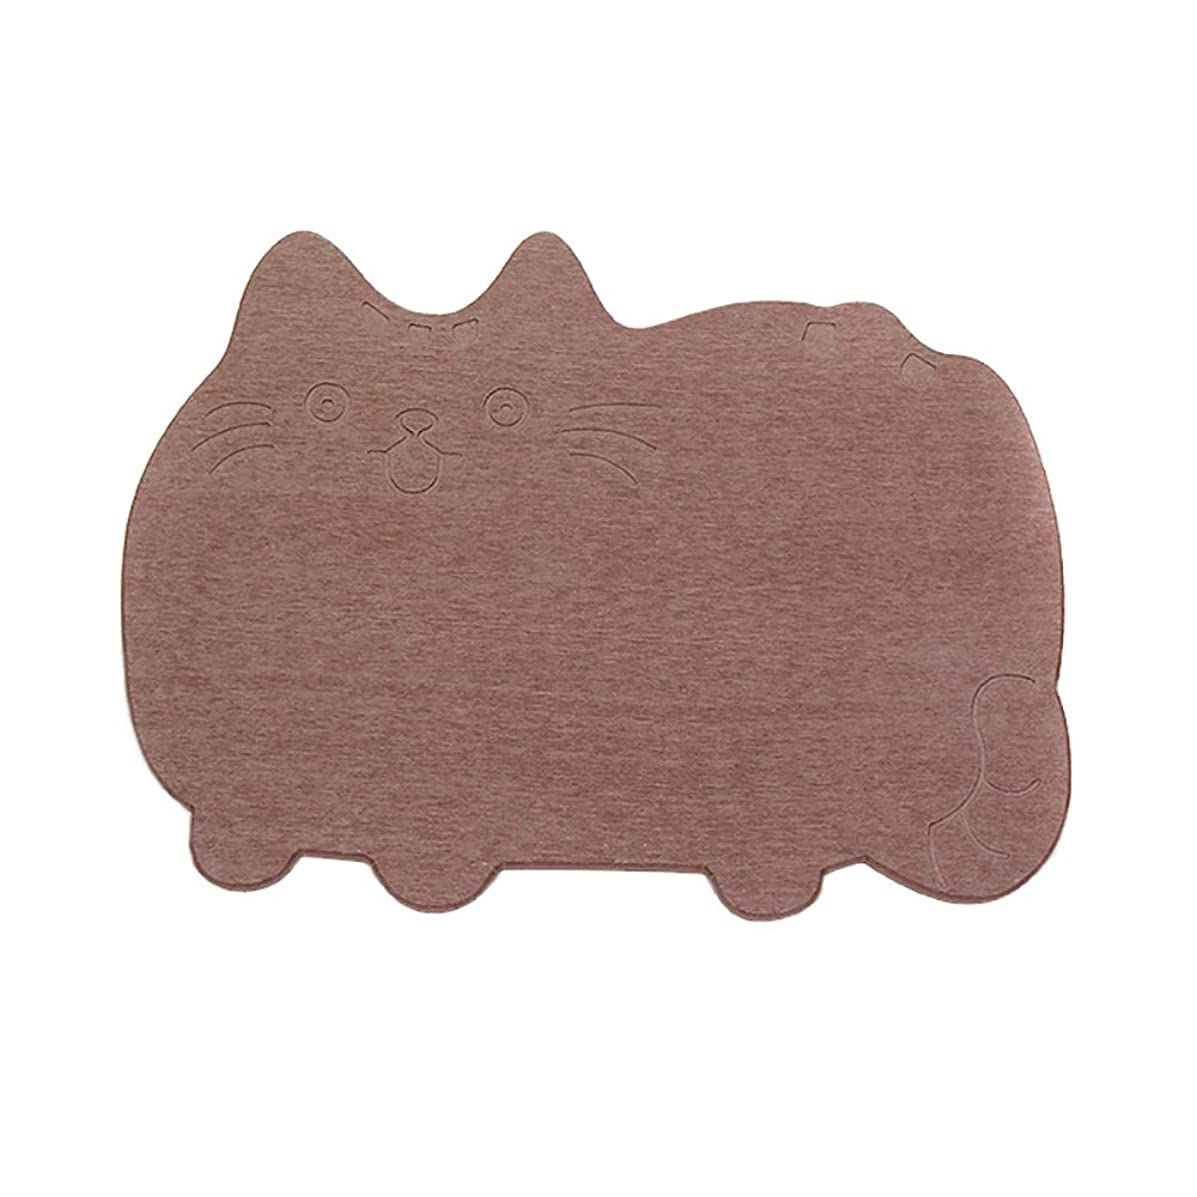 ヒロイン知覚できるミニチュア珪藻土バスマット 足ふきマット お風呂マット 速乾 バスマット 滑り止めマット 消臭 速乾 防カビ 防ダニ 抗菌?約30x40x0.9cm 多色選択可能 かわいい 猫